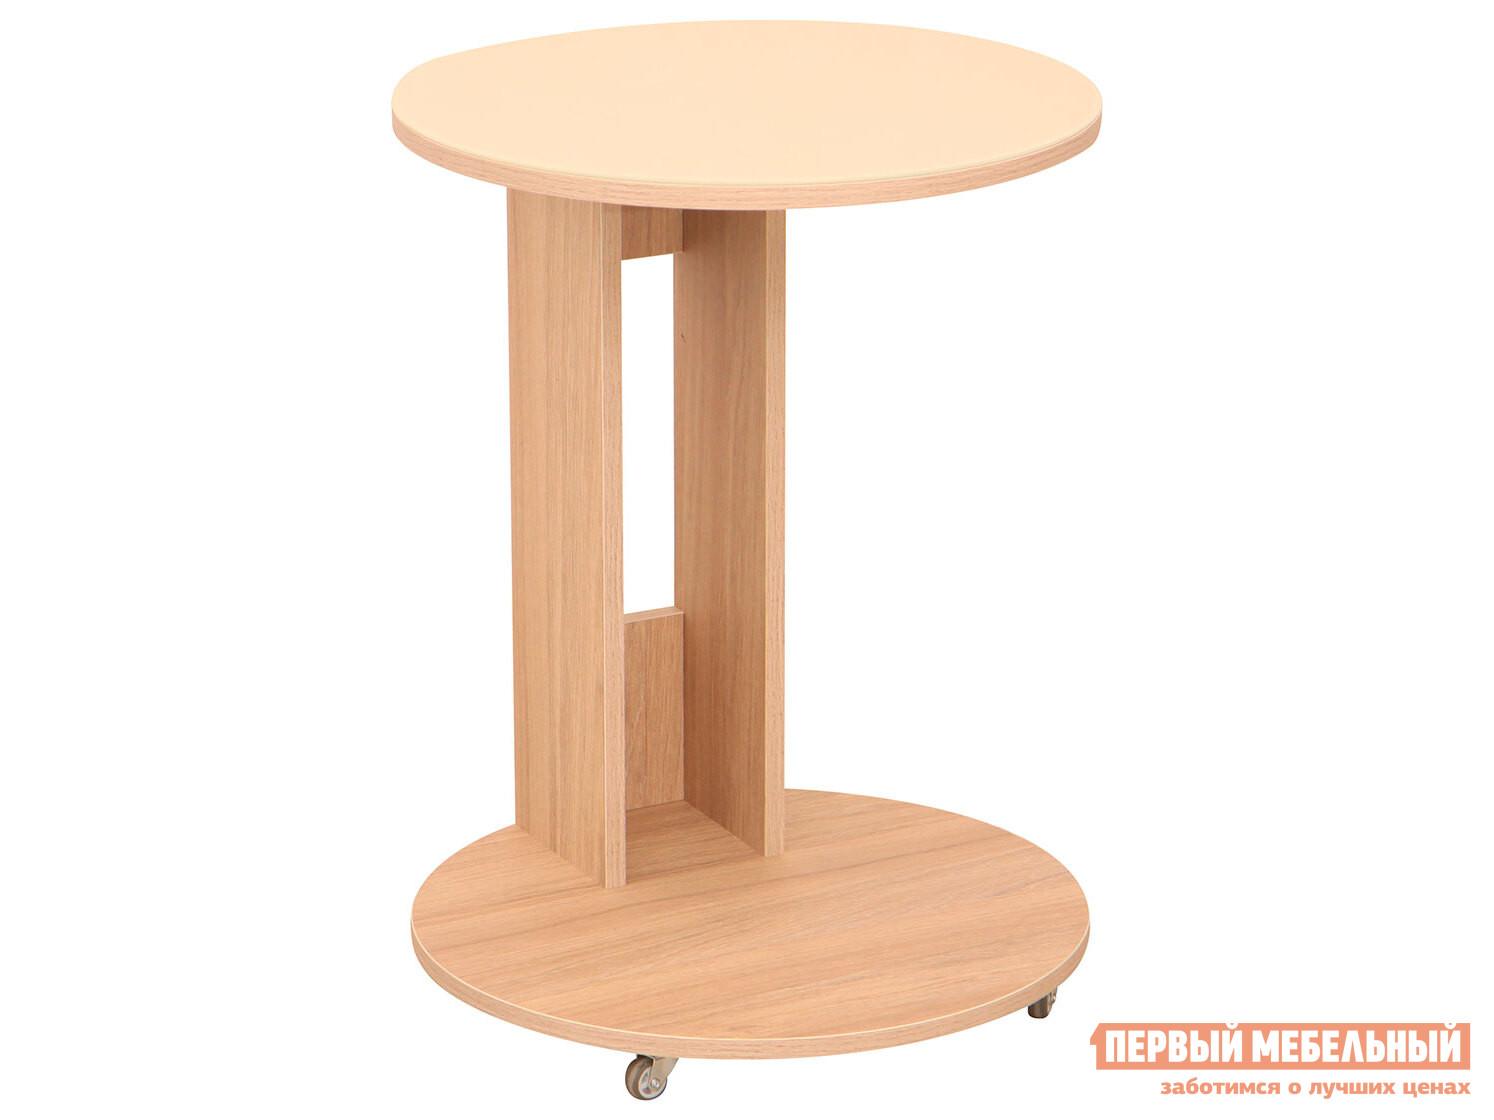 Журнальный столик Первый Мебельный Столик придиванный Модерн